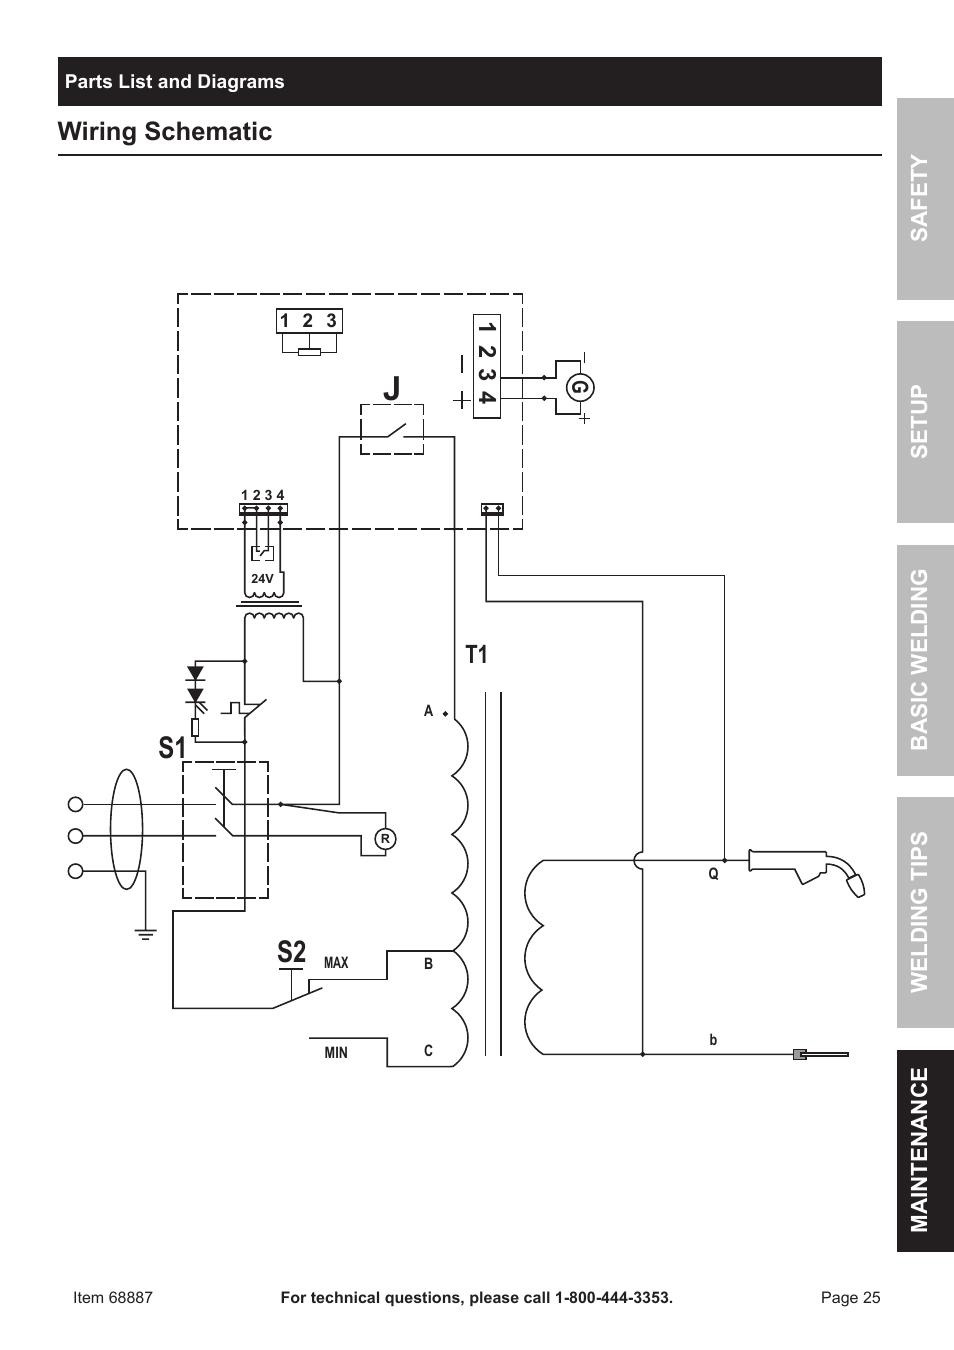 medium resolution of s2 s1 wiring schematic chicago electric 90 amp flux wire welder lincoln 225 welder wiring